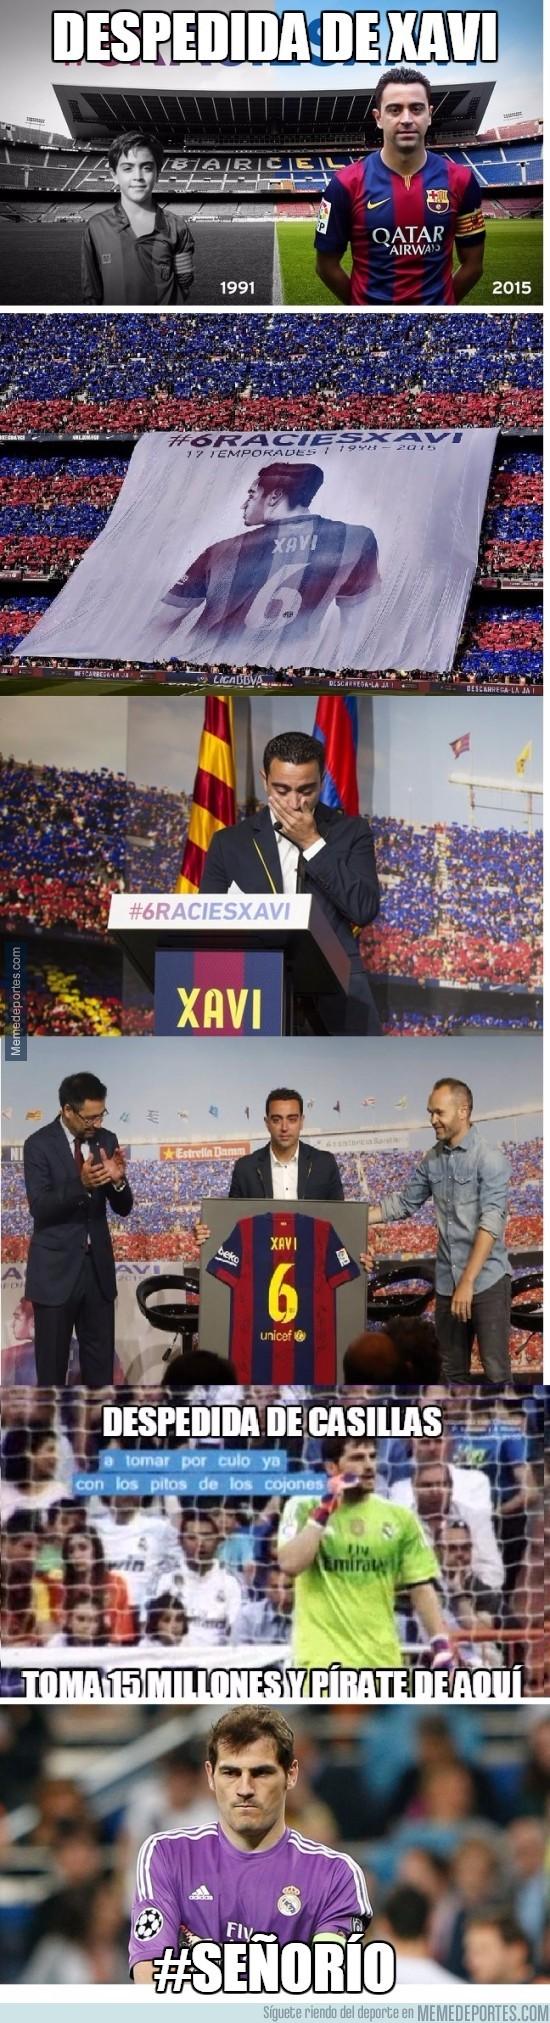 618136 - Diferencias entre las despedidas de Xavi y de Casillas